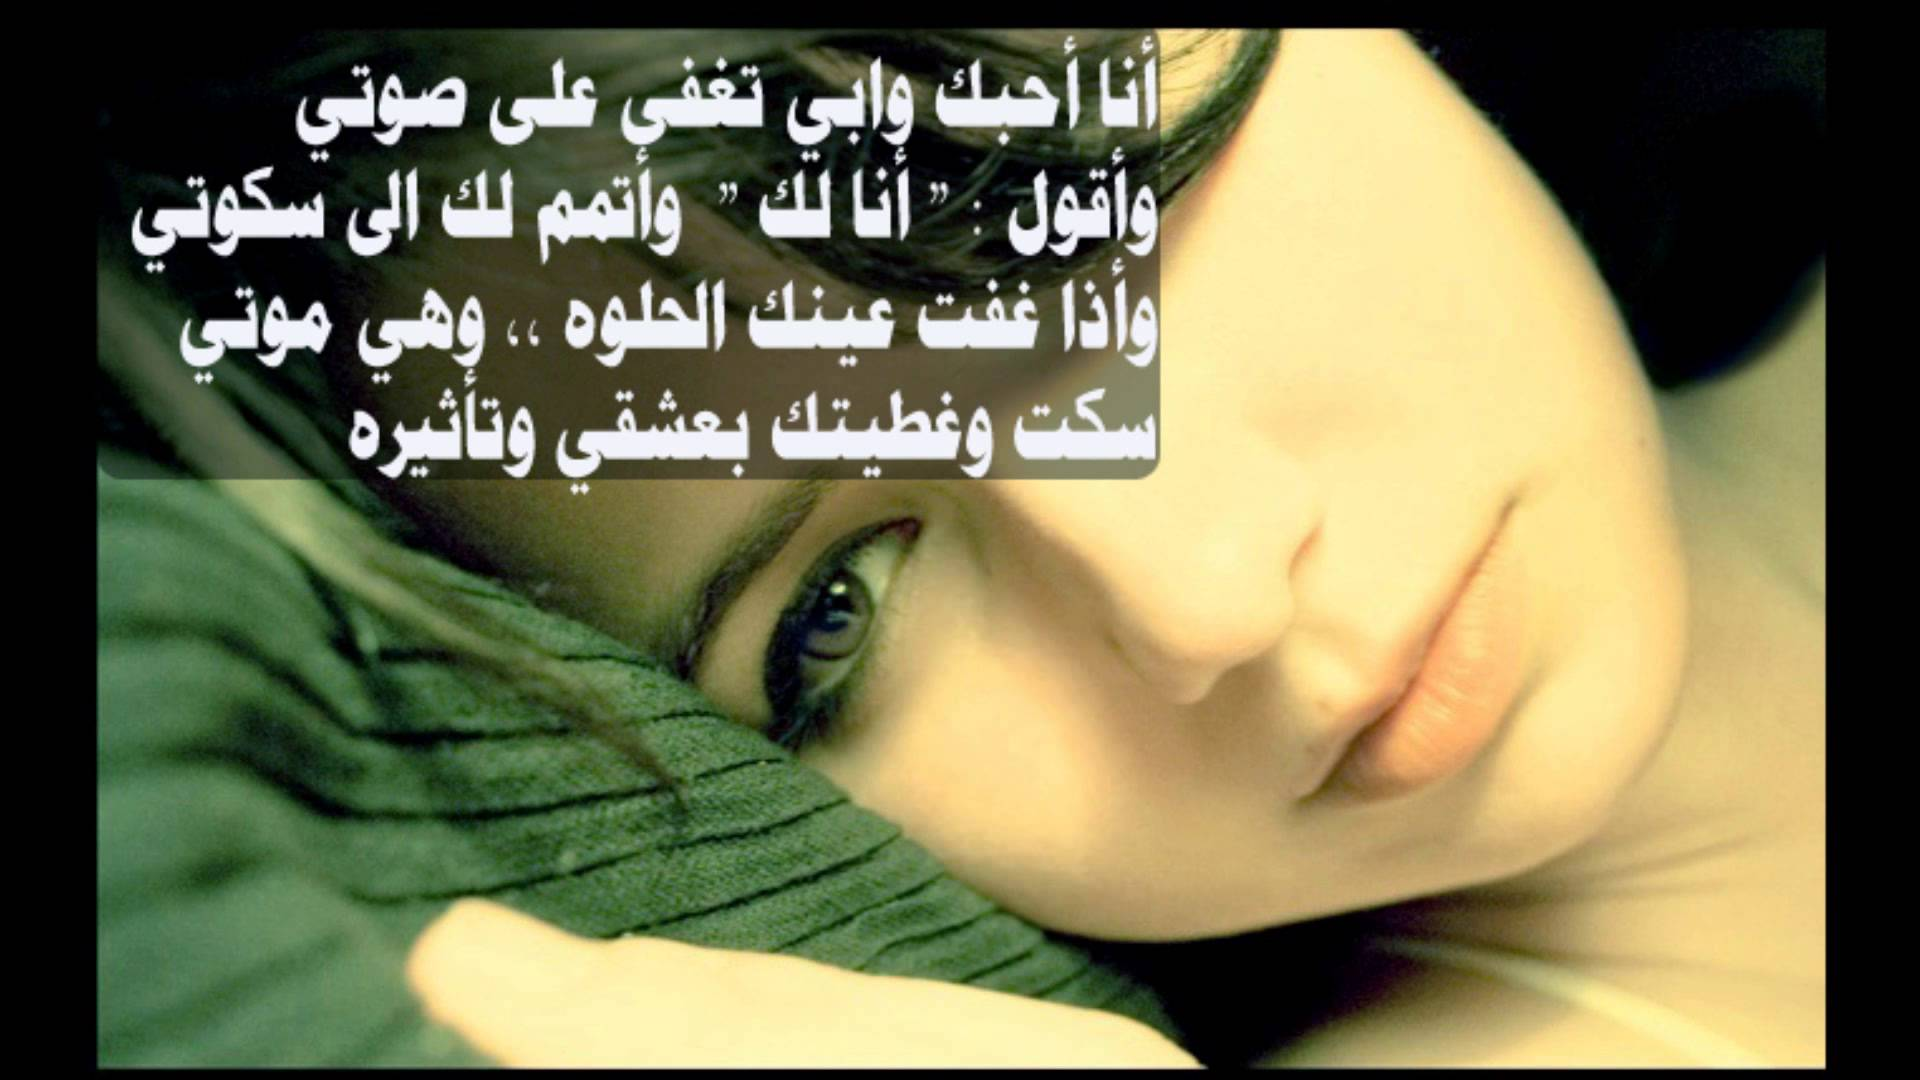 بالصور صور اشعار رومانسيه , اجمل الكلمات الرومانسيه فى العشق والغرام 4945 4